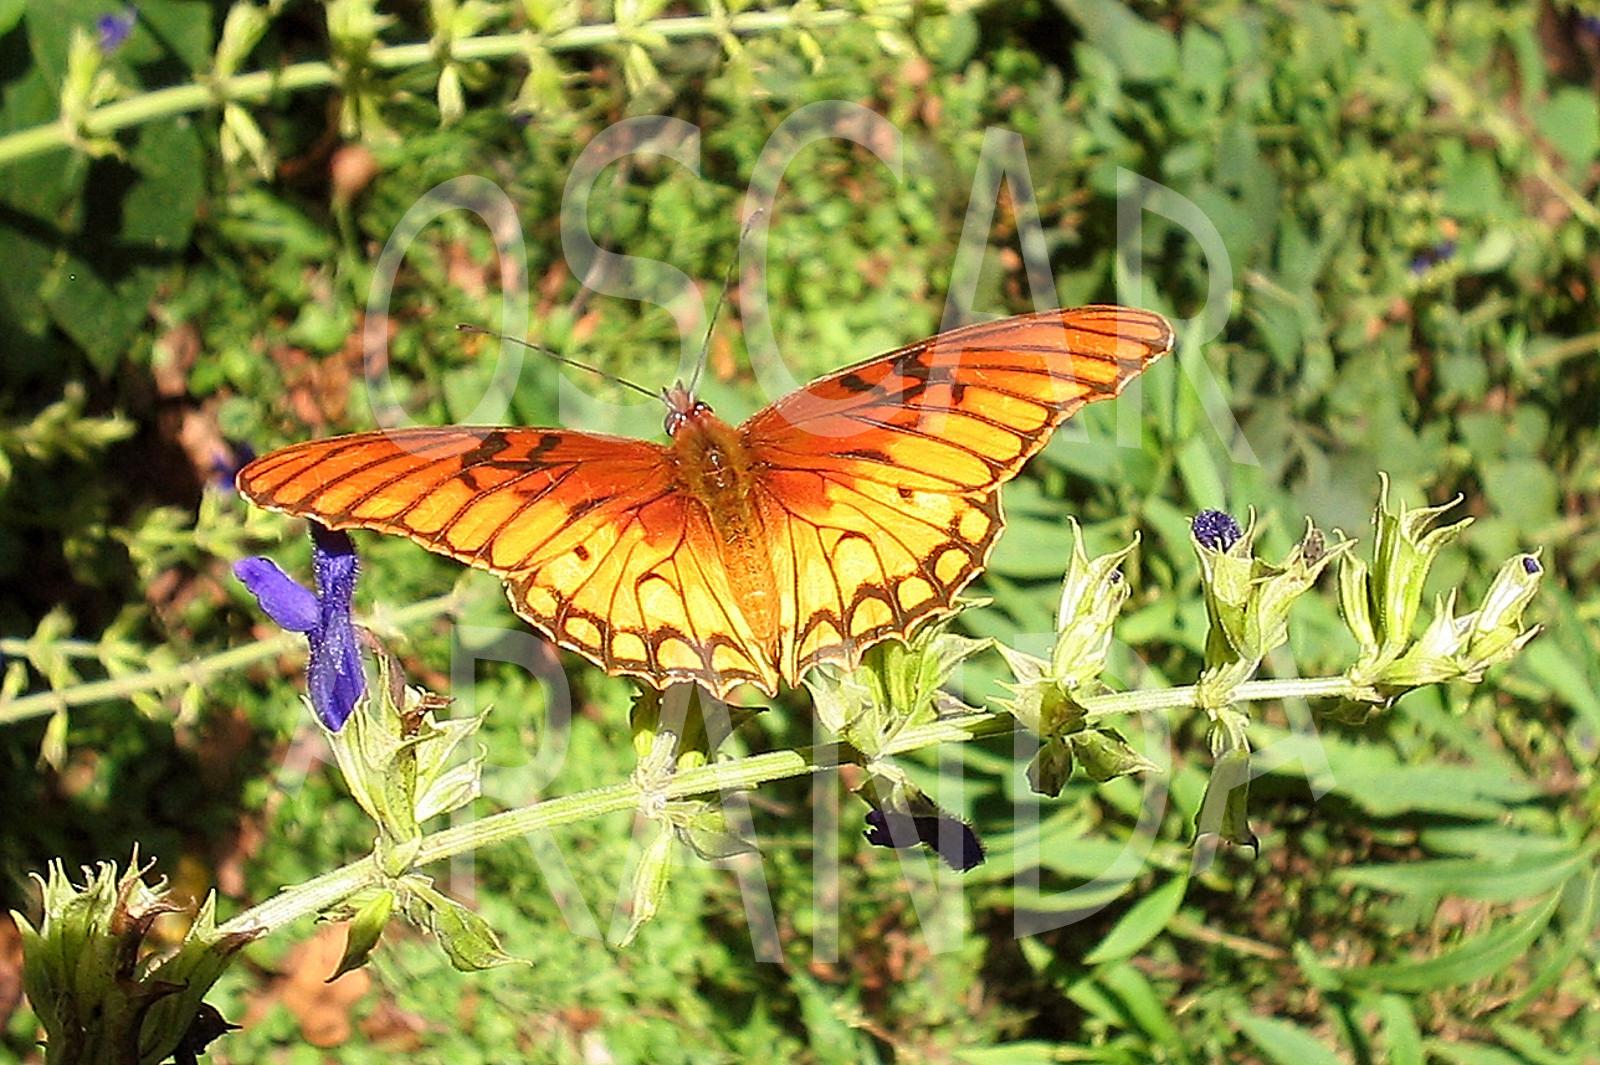 Un caleidoscopio de colores: Las Mariposas – Relatos de la